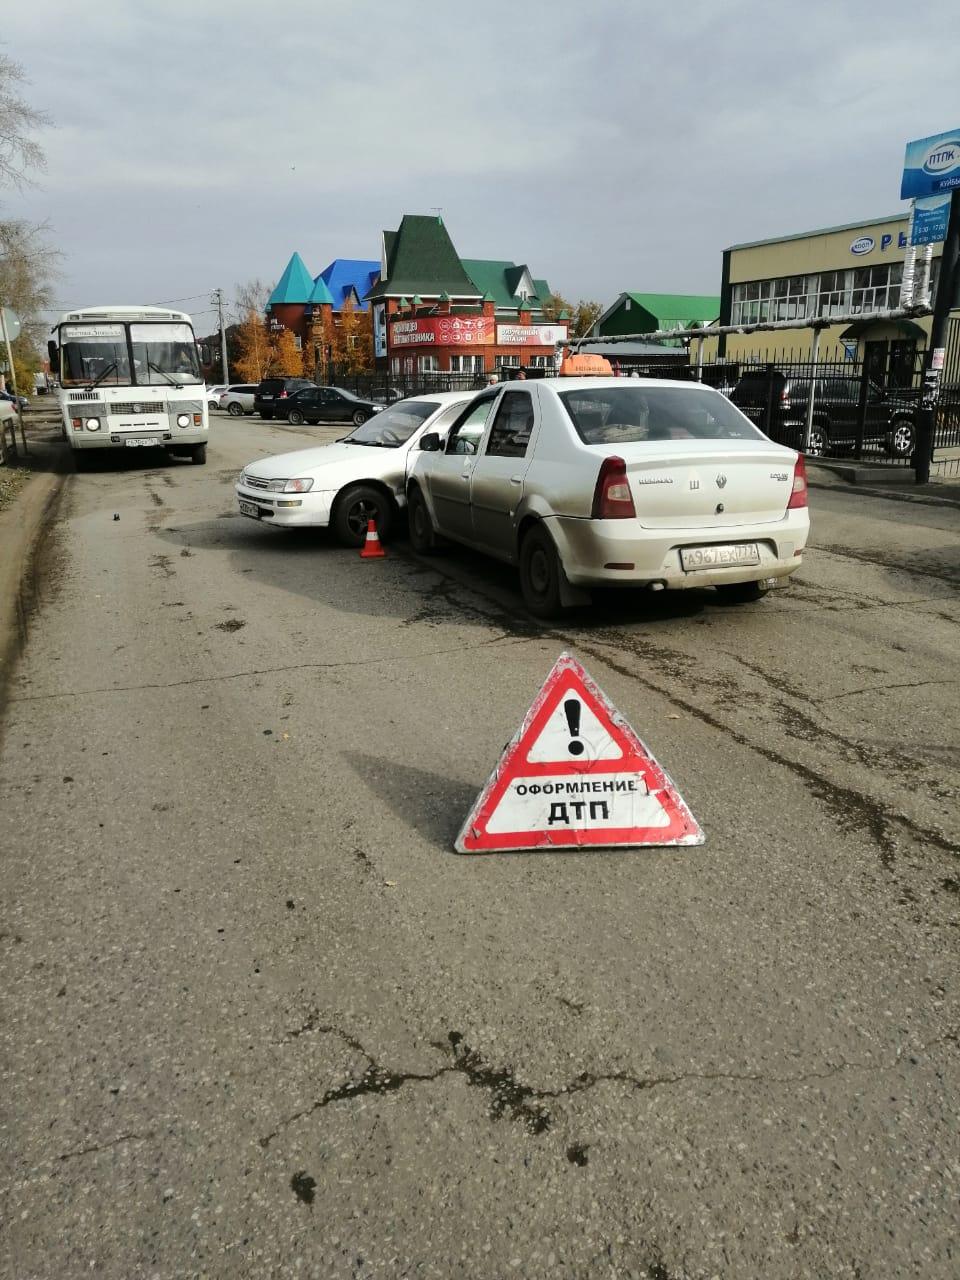 13 ДТП произошло в Куйбышевском районе с 06 по 12 октября,